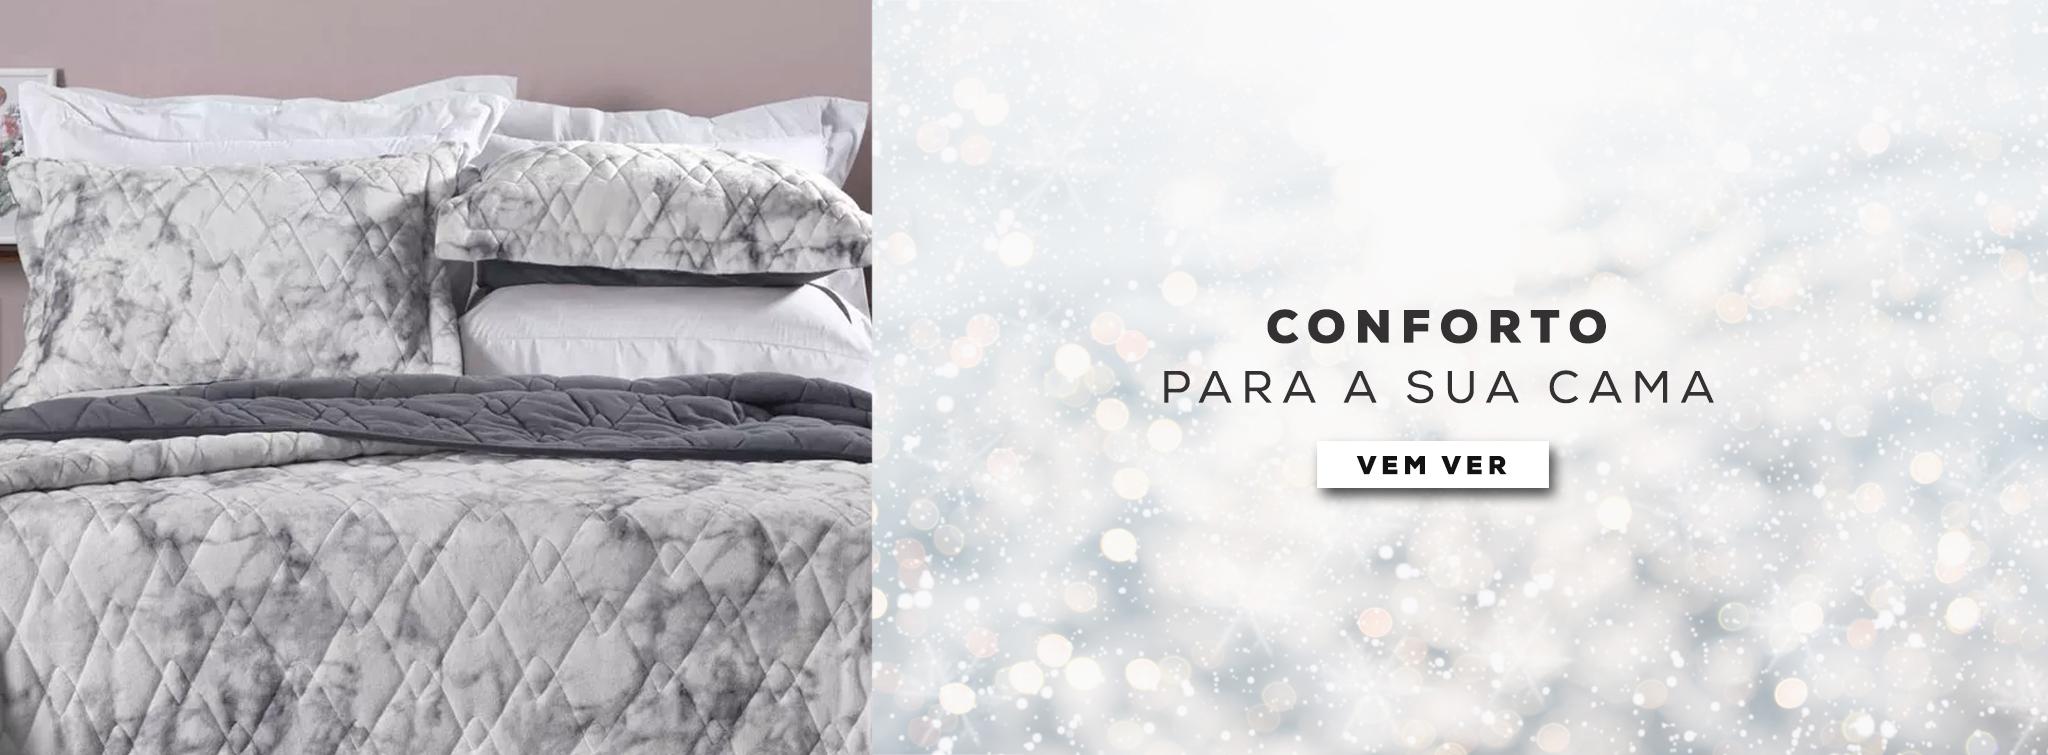 Conforto para sua cama